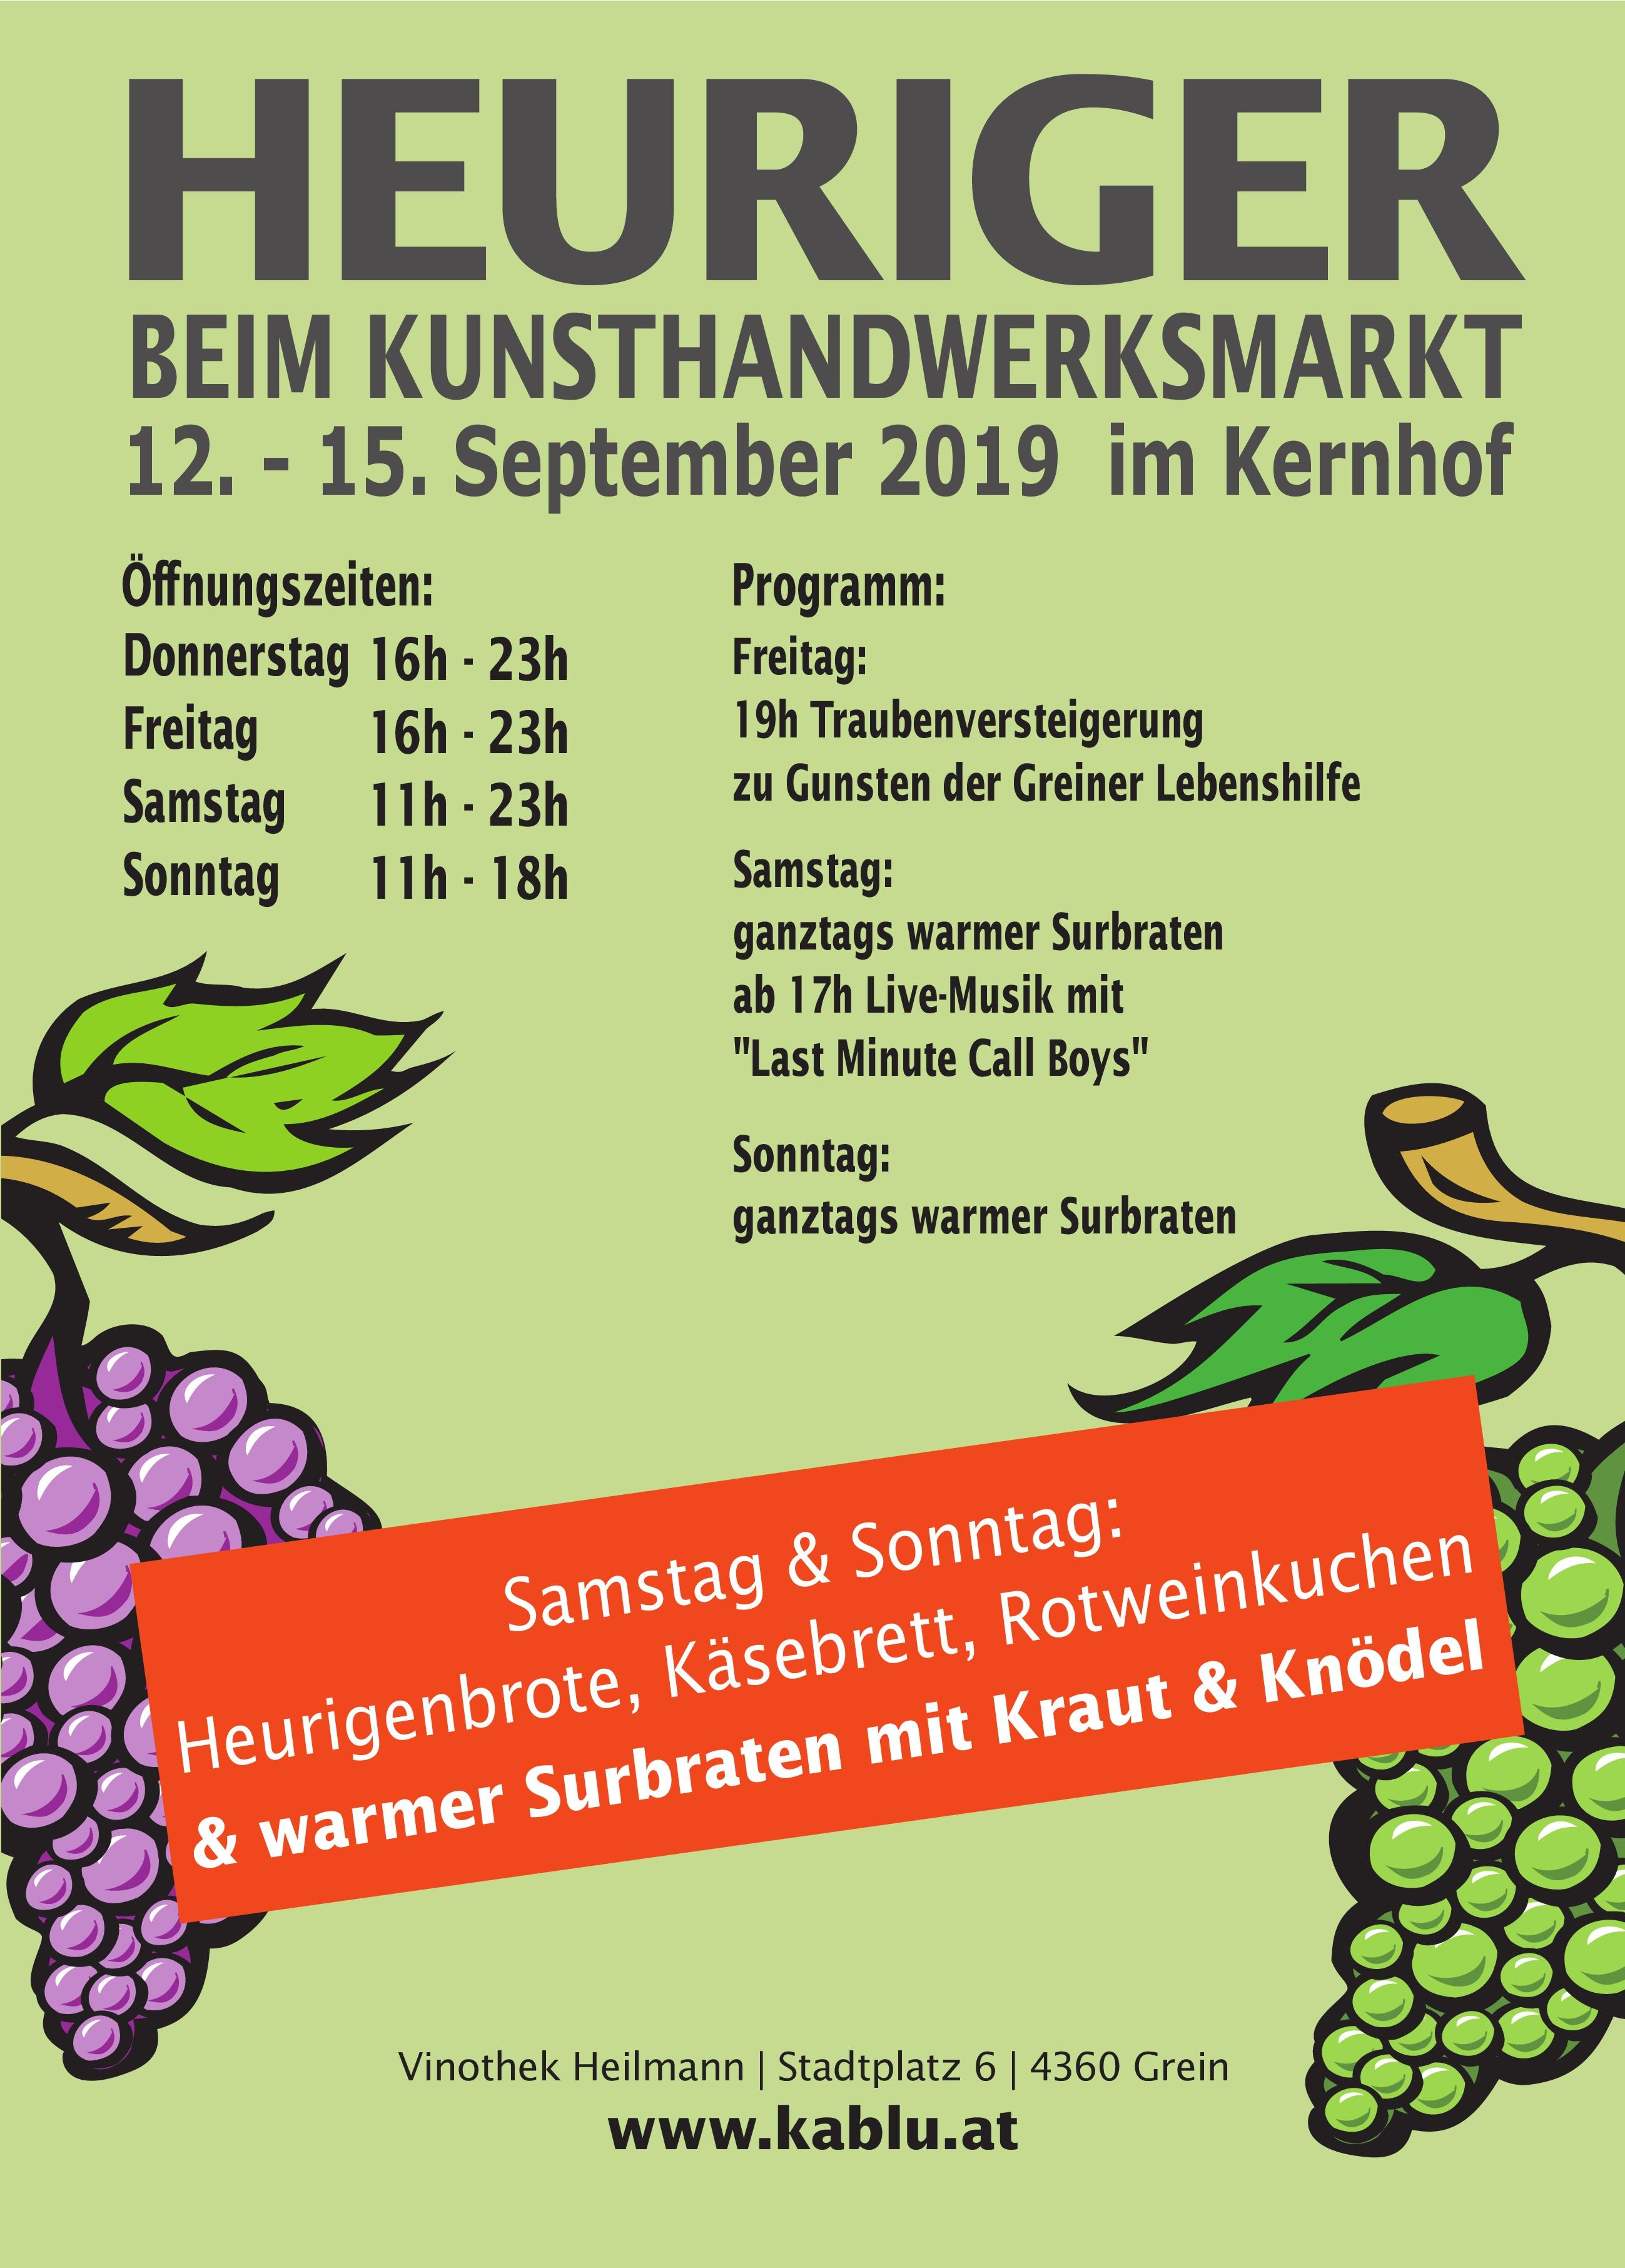 Heuriger Kunsthandwerksmarkt 2019